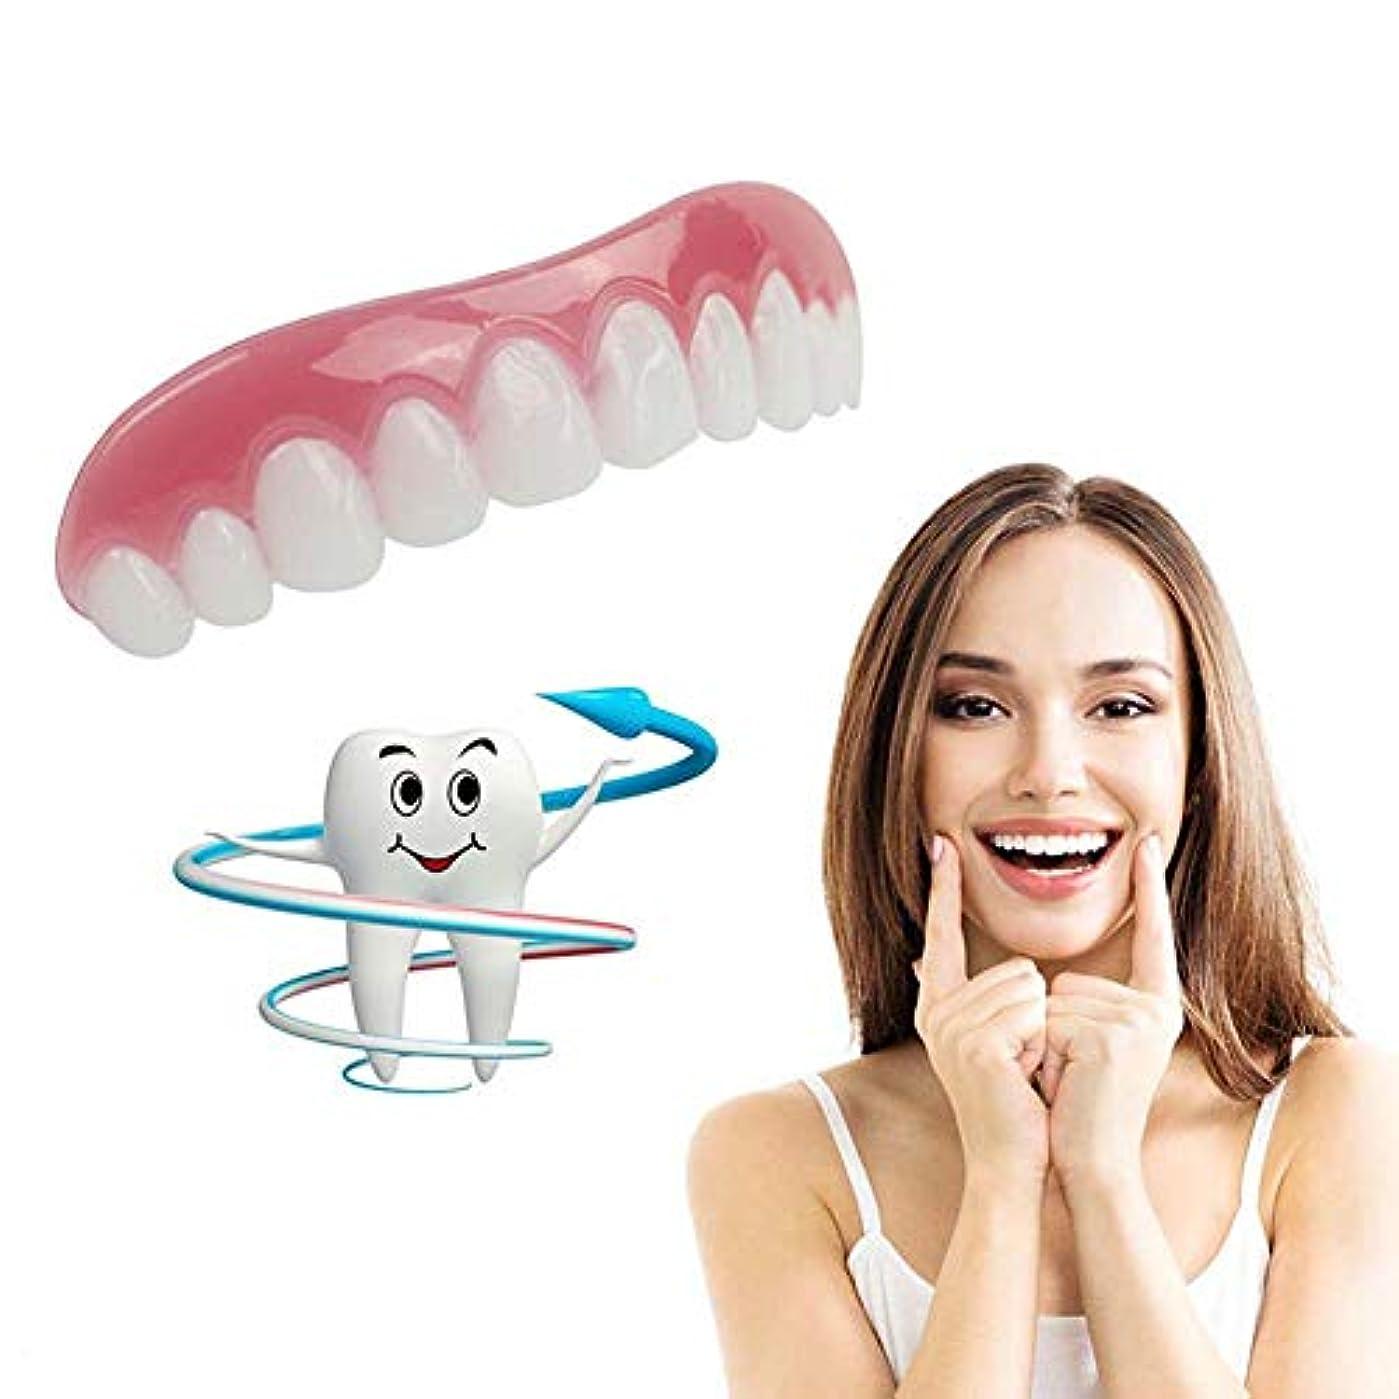 飛び込む弱まる夜明け化粧品の歯、超快適、快適なフィット感、白い歯をきれいにするための快適なフィットフレックス歯ソケット、快適なフィット感、3セット